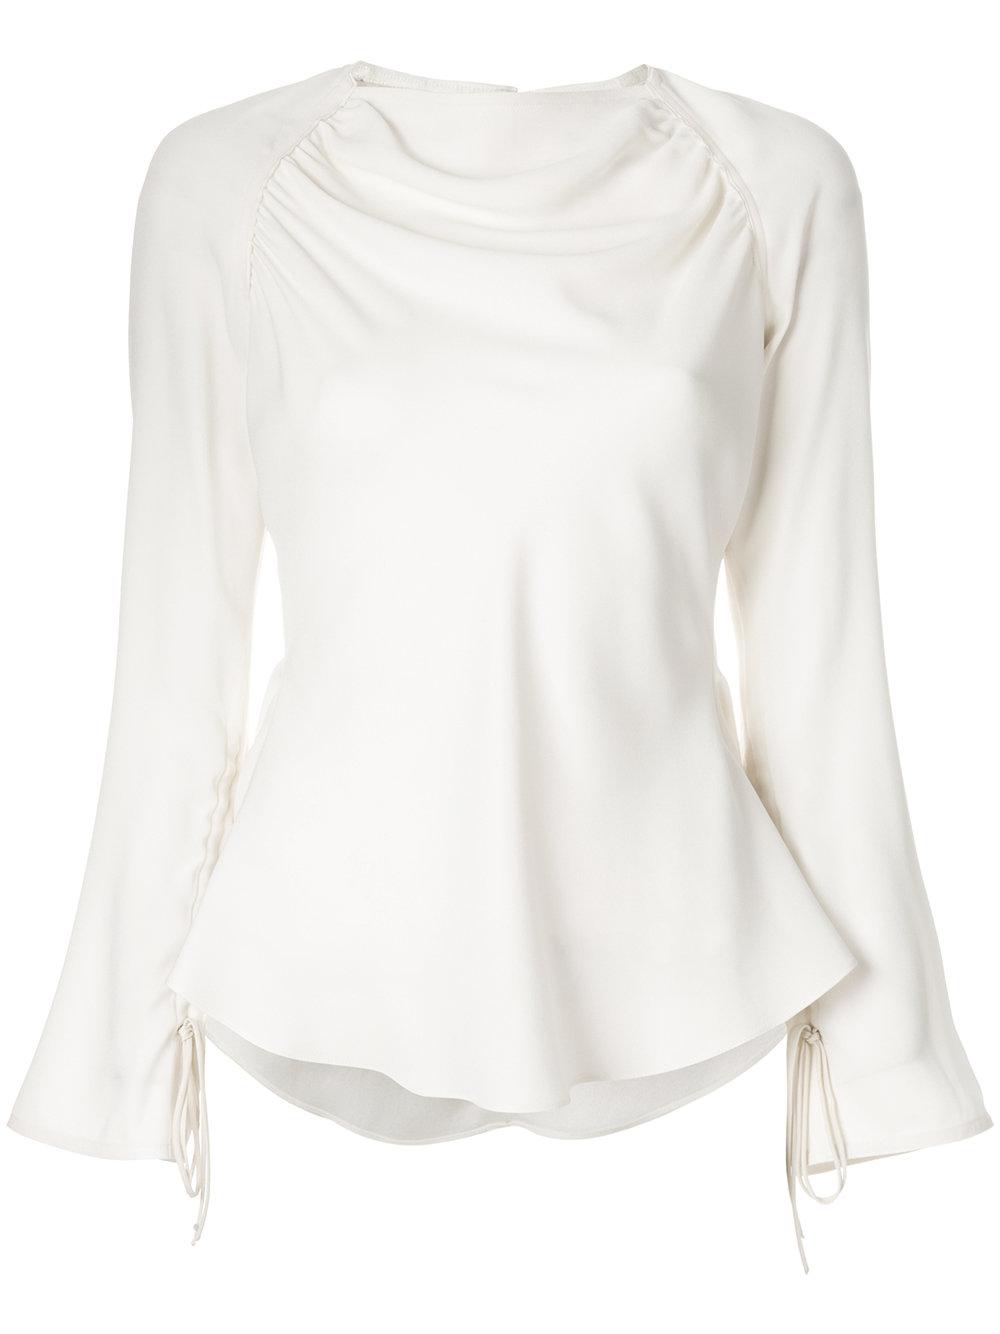 Marni draped peplum blouse